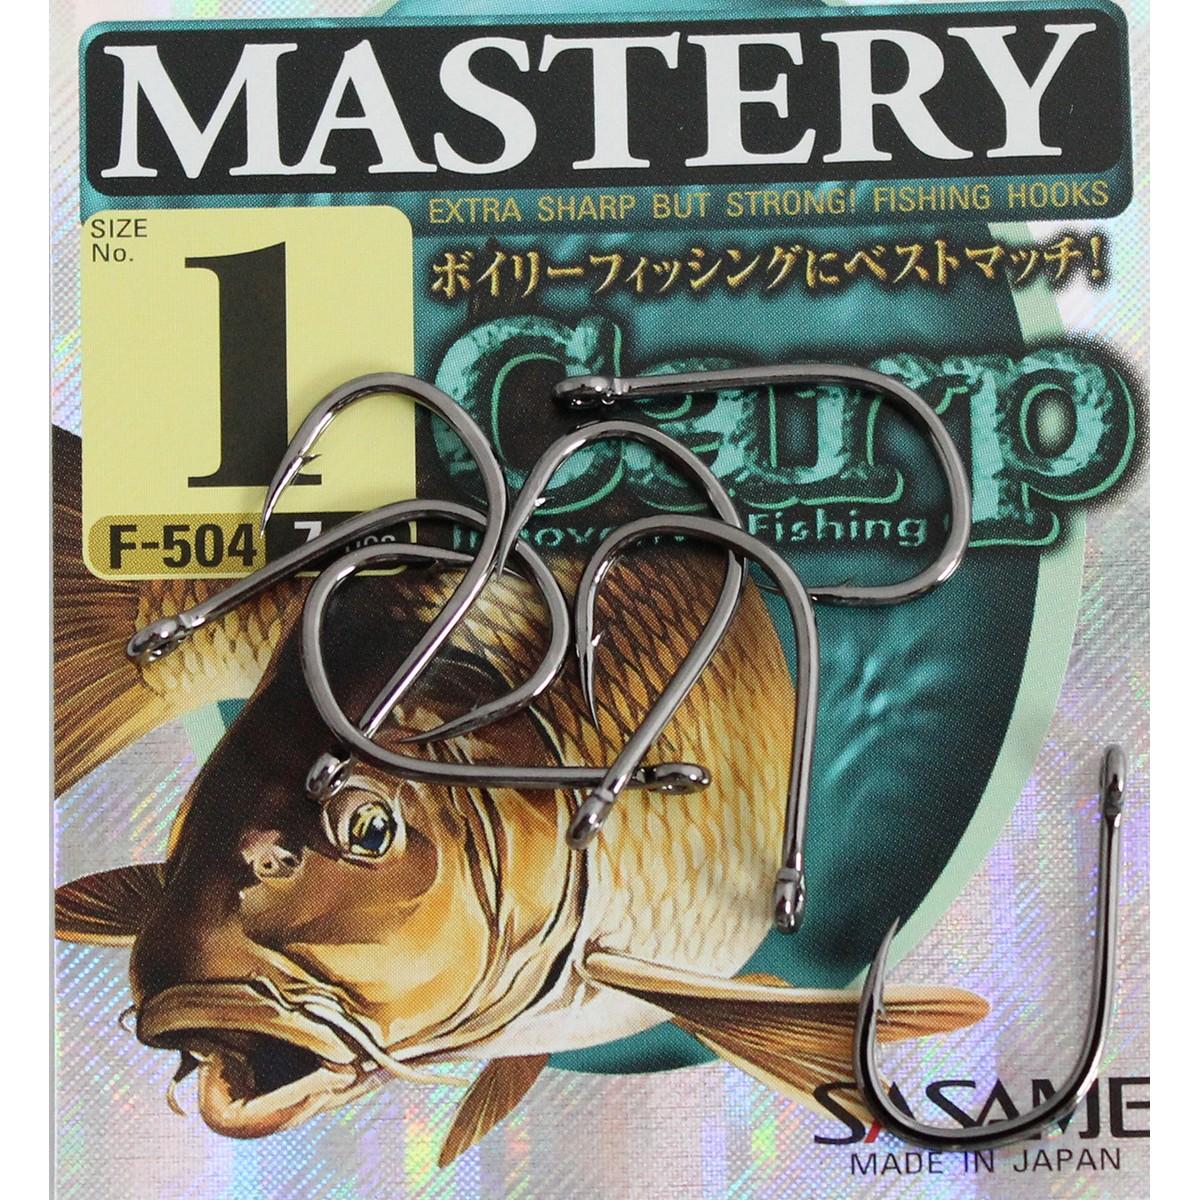 Sasame Mastery F-504